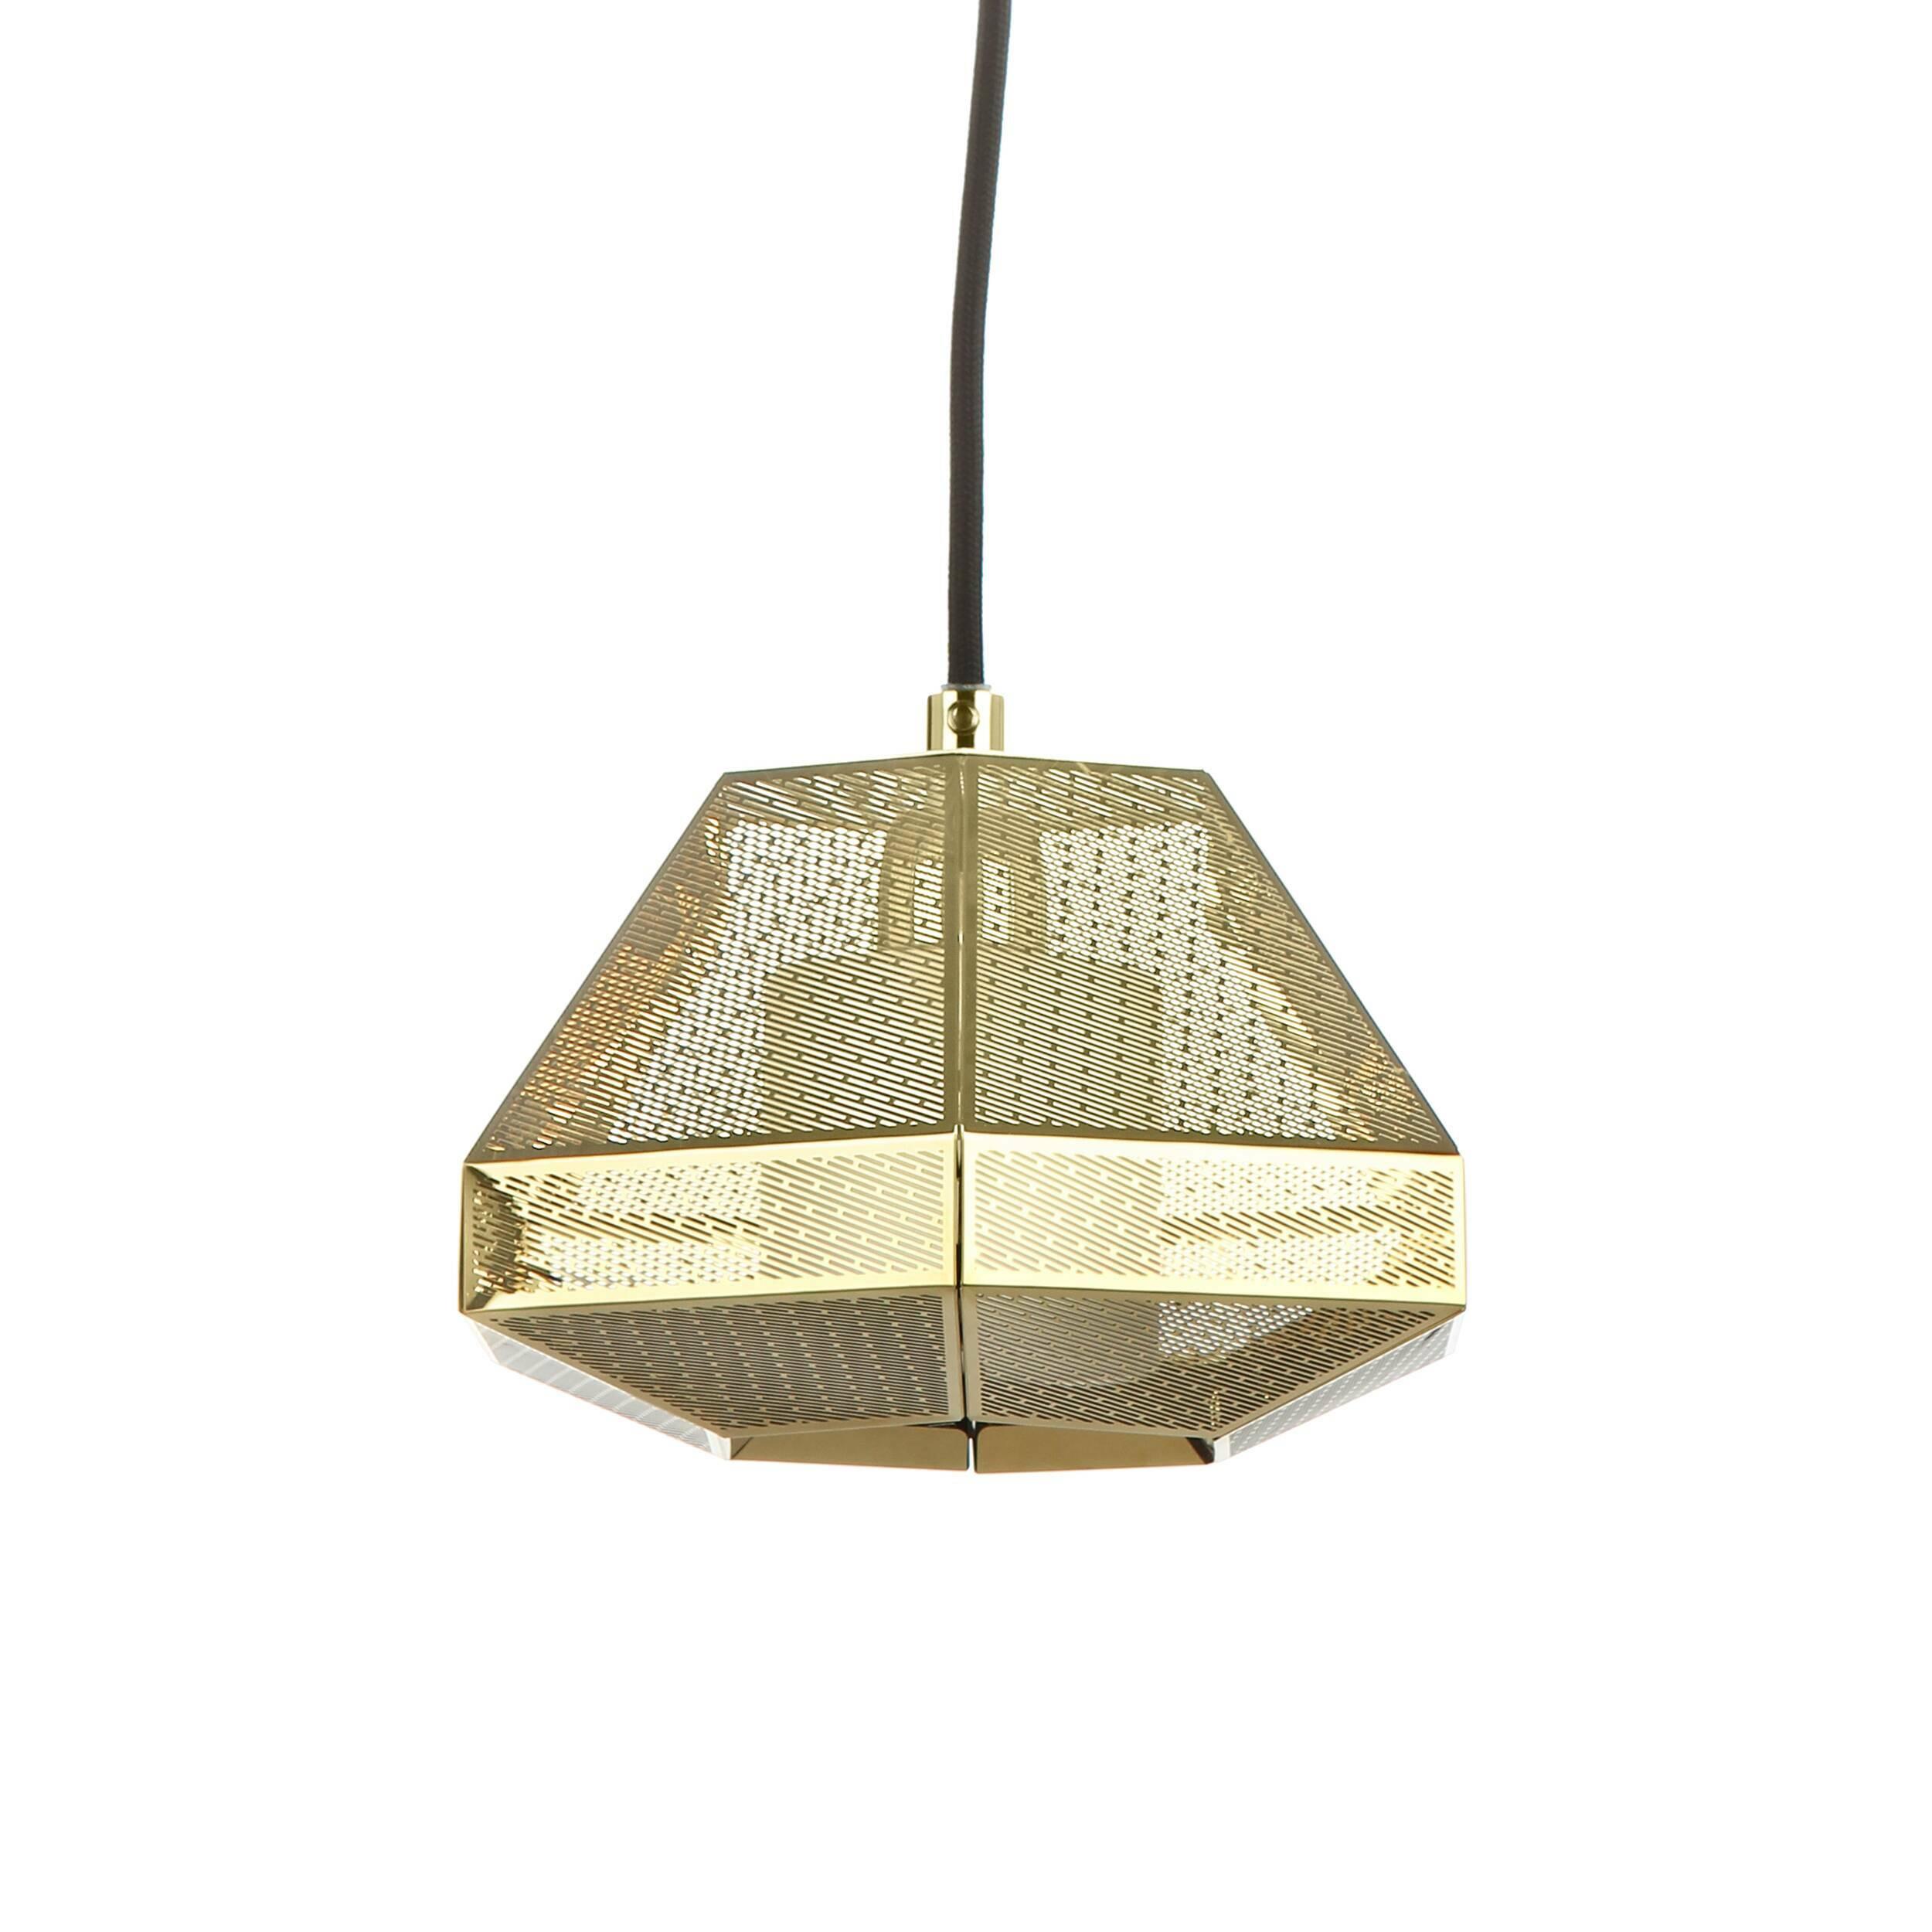 Подвесной светильник Elliot высота 13 диаметр 20Подвесные<br>Элегантный подвесной светильник Elliot высота 13 диаметр 20<br>— это стильный подвесной источник света, абажур которого выполнен в популярном индустриальном стиле. Дизайн светильника будто взят прямиком из новомодных фильмов о космических кораблях. Элементы этого направления также встречаются и в лофт-интерьерах, поскольку для них нередко характерен промышленный дизайн со всей его грубоватой простотой. <br> <br> Абажур подвесного светильника Elliot высота 13 диаметр 20 <br>представляет собой граненый...<br><br>stock: 0<br>Высота: 13<br>Диаметр: 20<br>Длина провода: 160<br>Количество ламп: 1<br>Материал абажура: Нержавеющая сталь<br>Мощность лампы: 25<br>Ламп в комплекте: Нет<br>Напряжение: 220<br>Тип лампы/цоколь: G9<br>Цвет абажура: Золотой